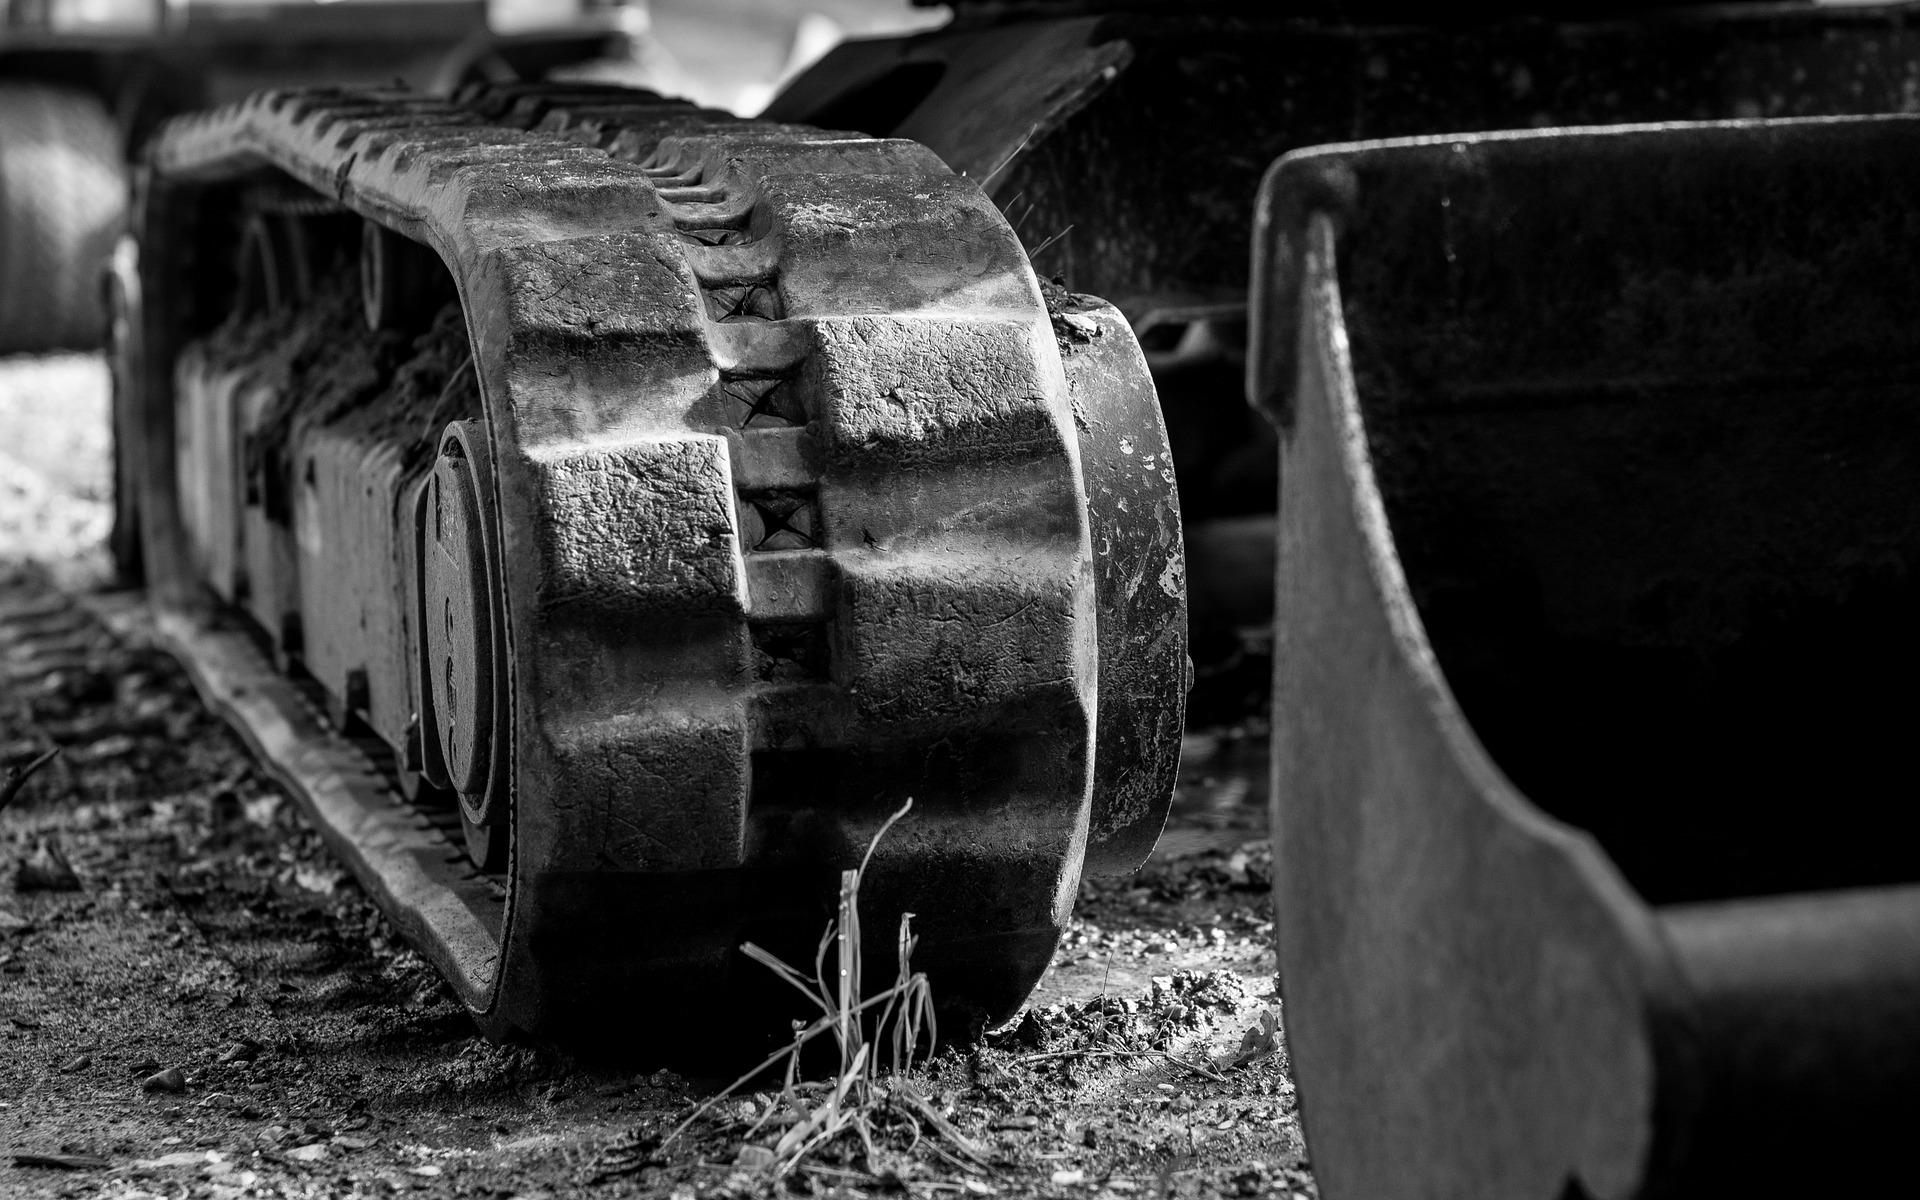 Kiesel Scandinavia tilbyder entreprenørmaskiner til den professionelle håndværker, landmand eller skovarbejder